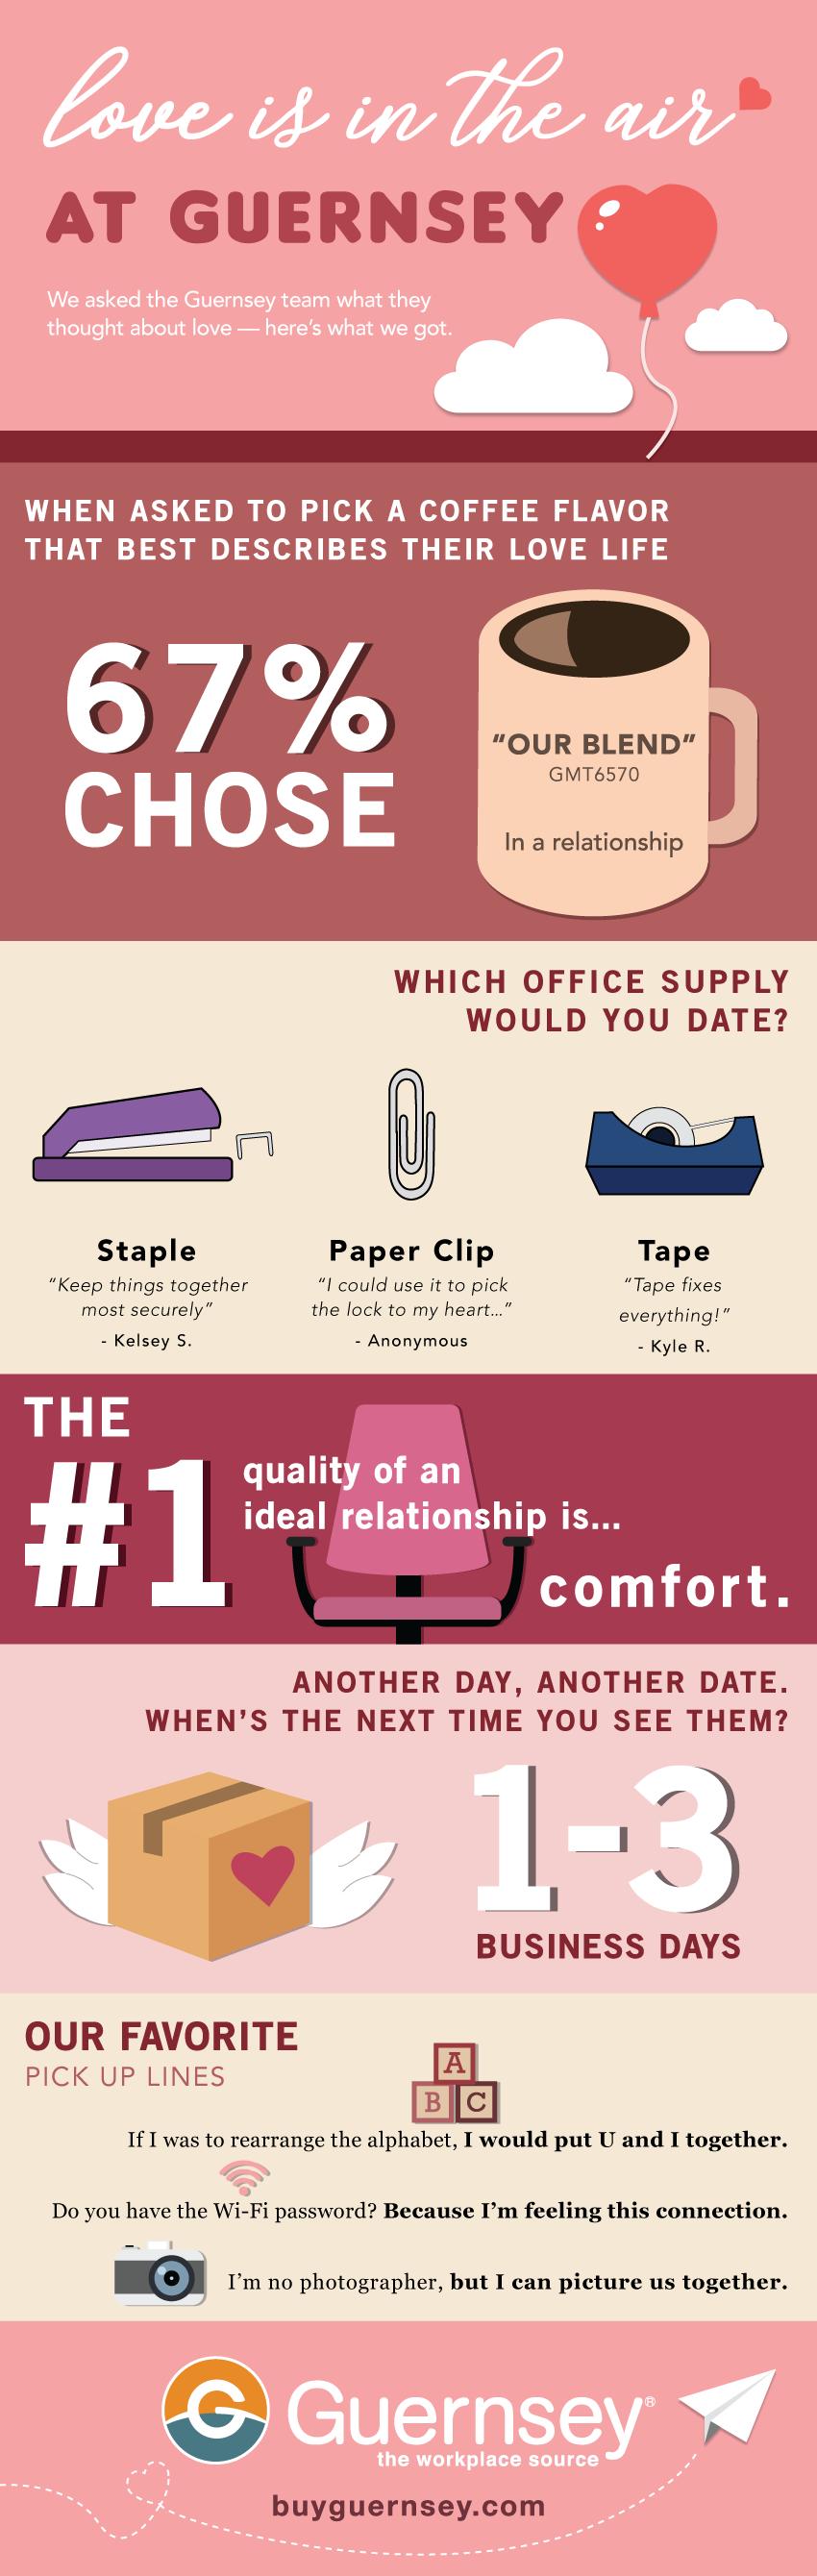 Guernsey Valentine's Day Infographic